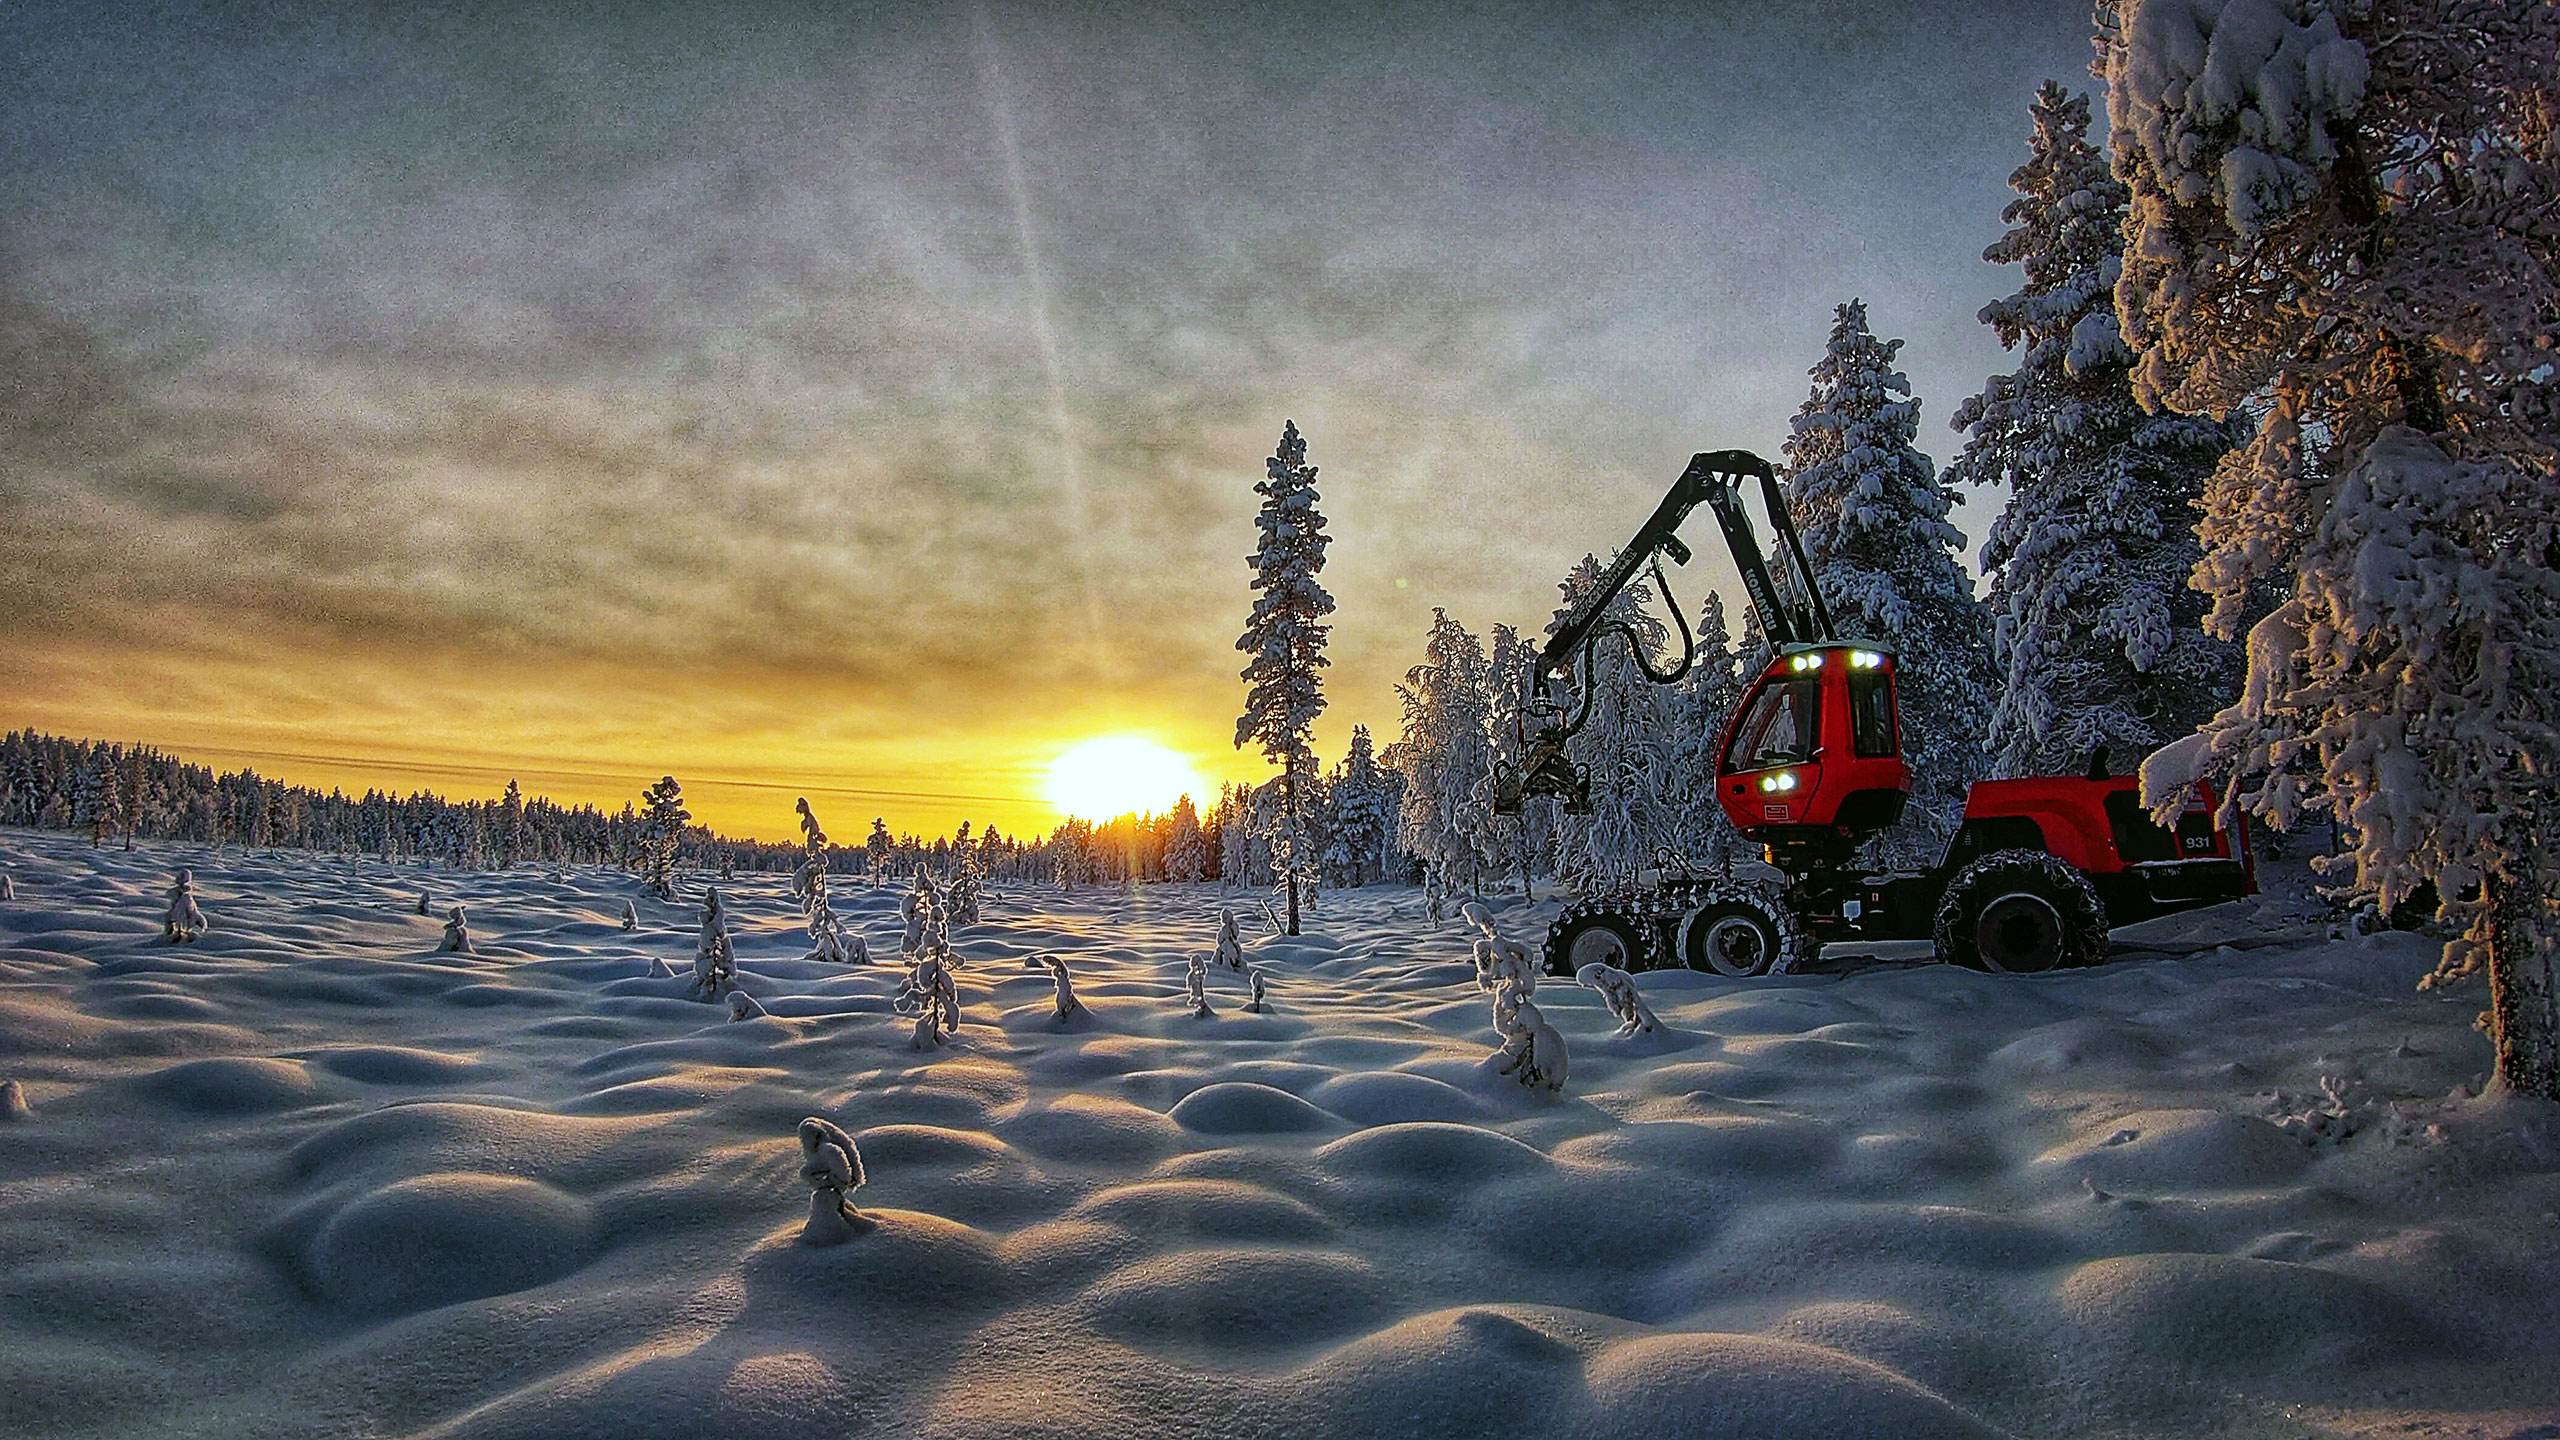 Komatsu Forest -valokuvauskilpailu marraskuu sija 1 Tuomo Väyrynen